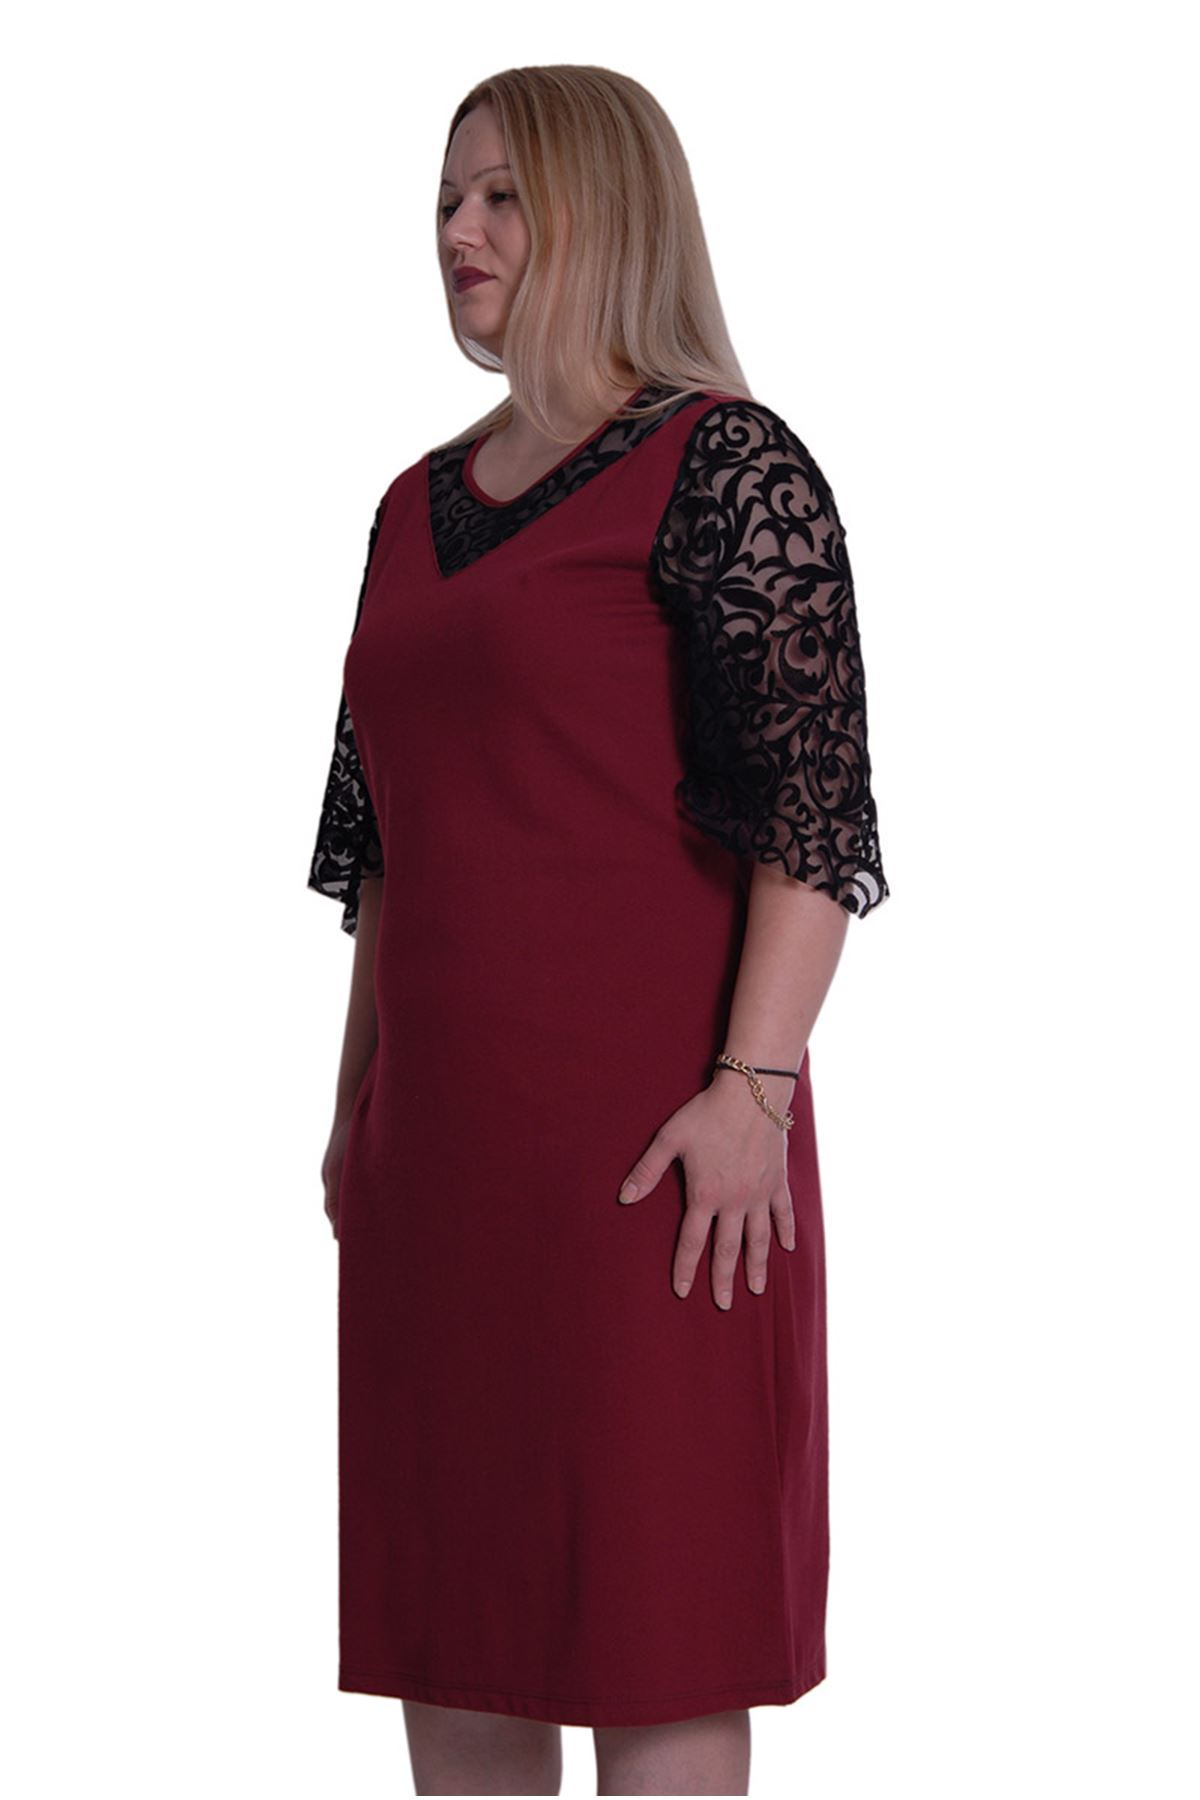 Büyük Beden Dantel Kollu Elbise 1E-0169